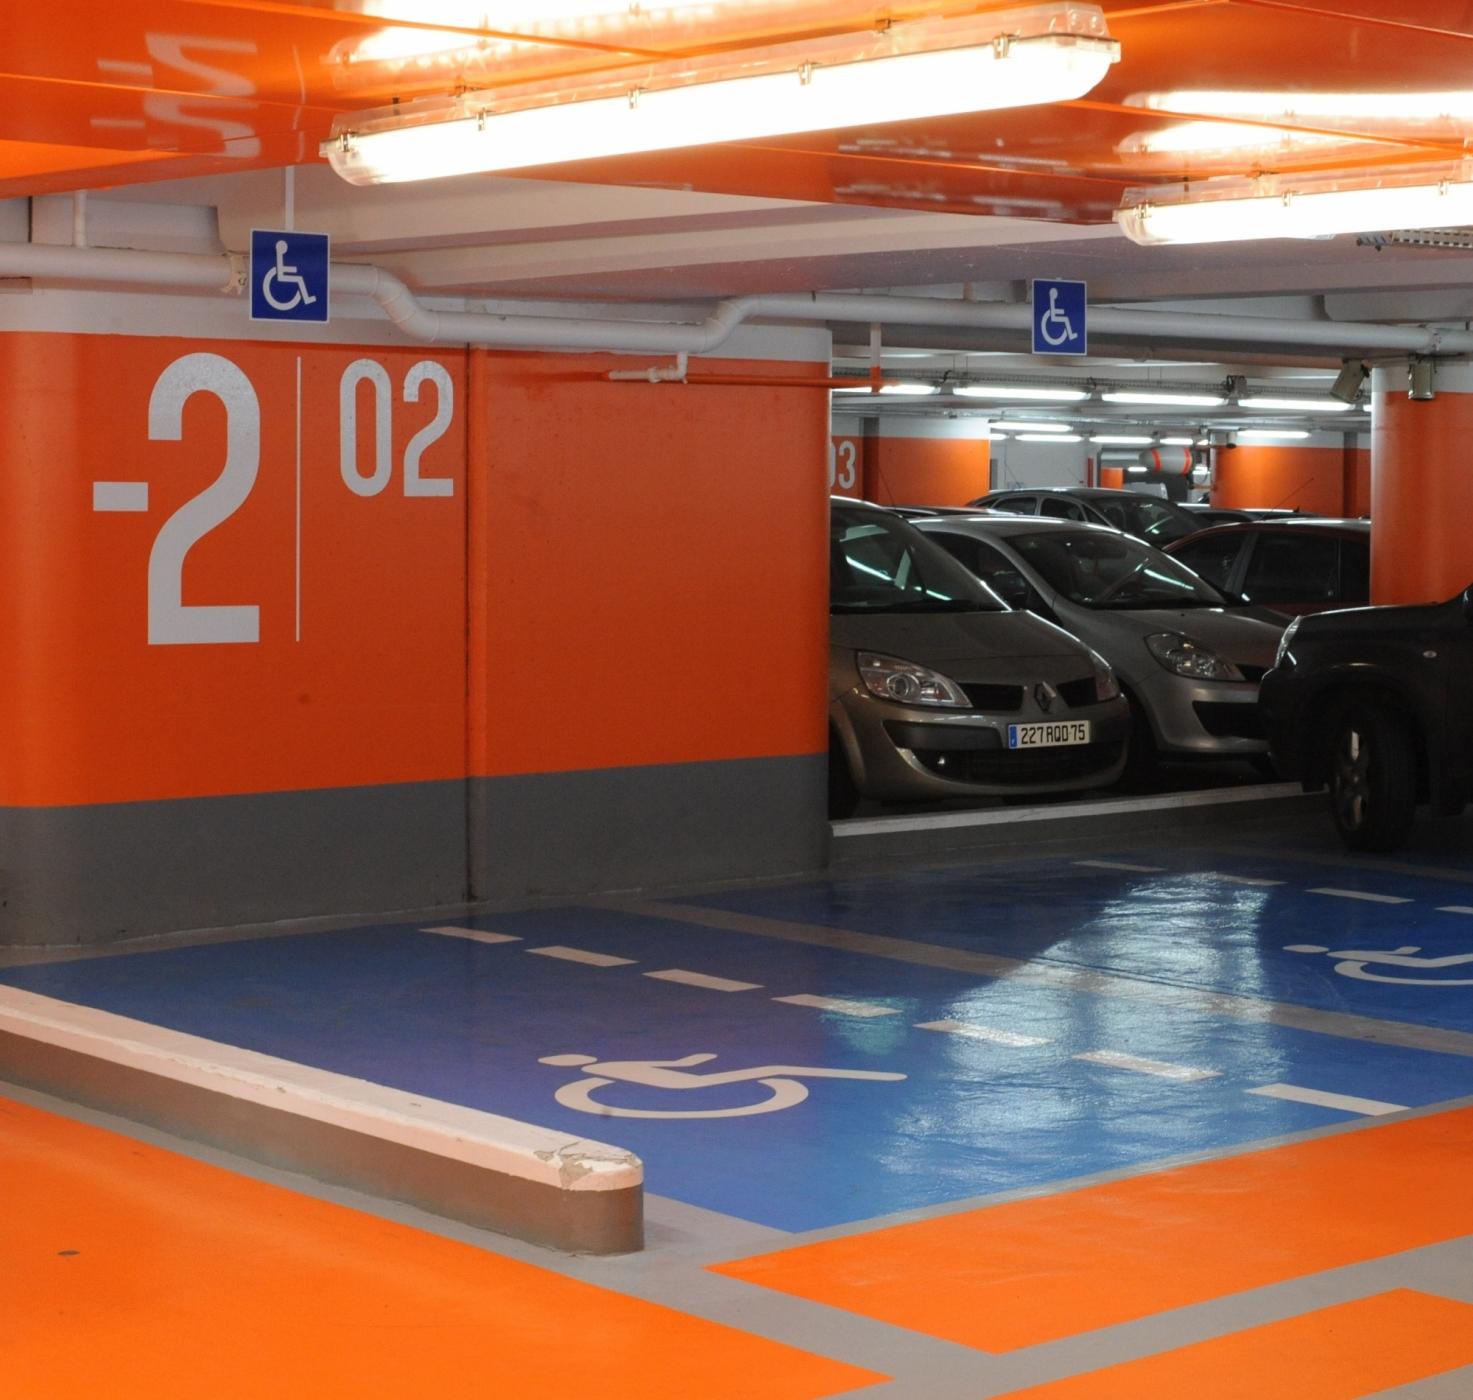 Peinture résine de couleur pour parking souterrain